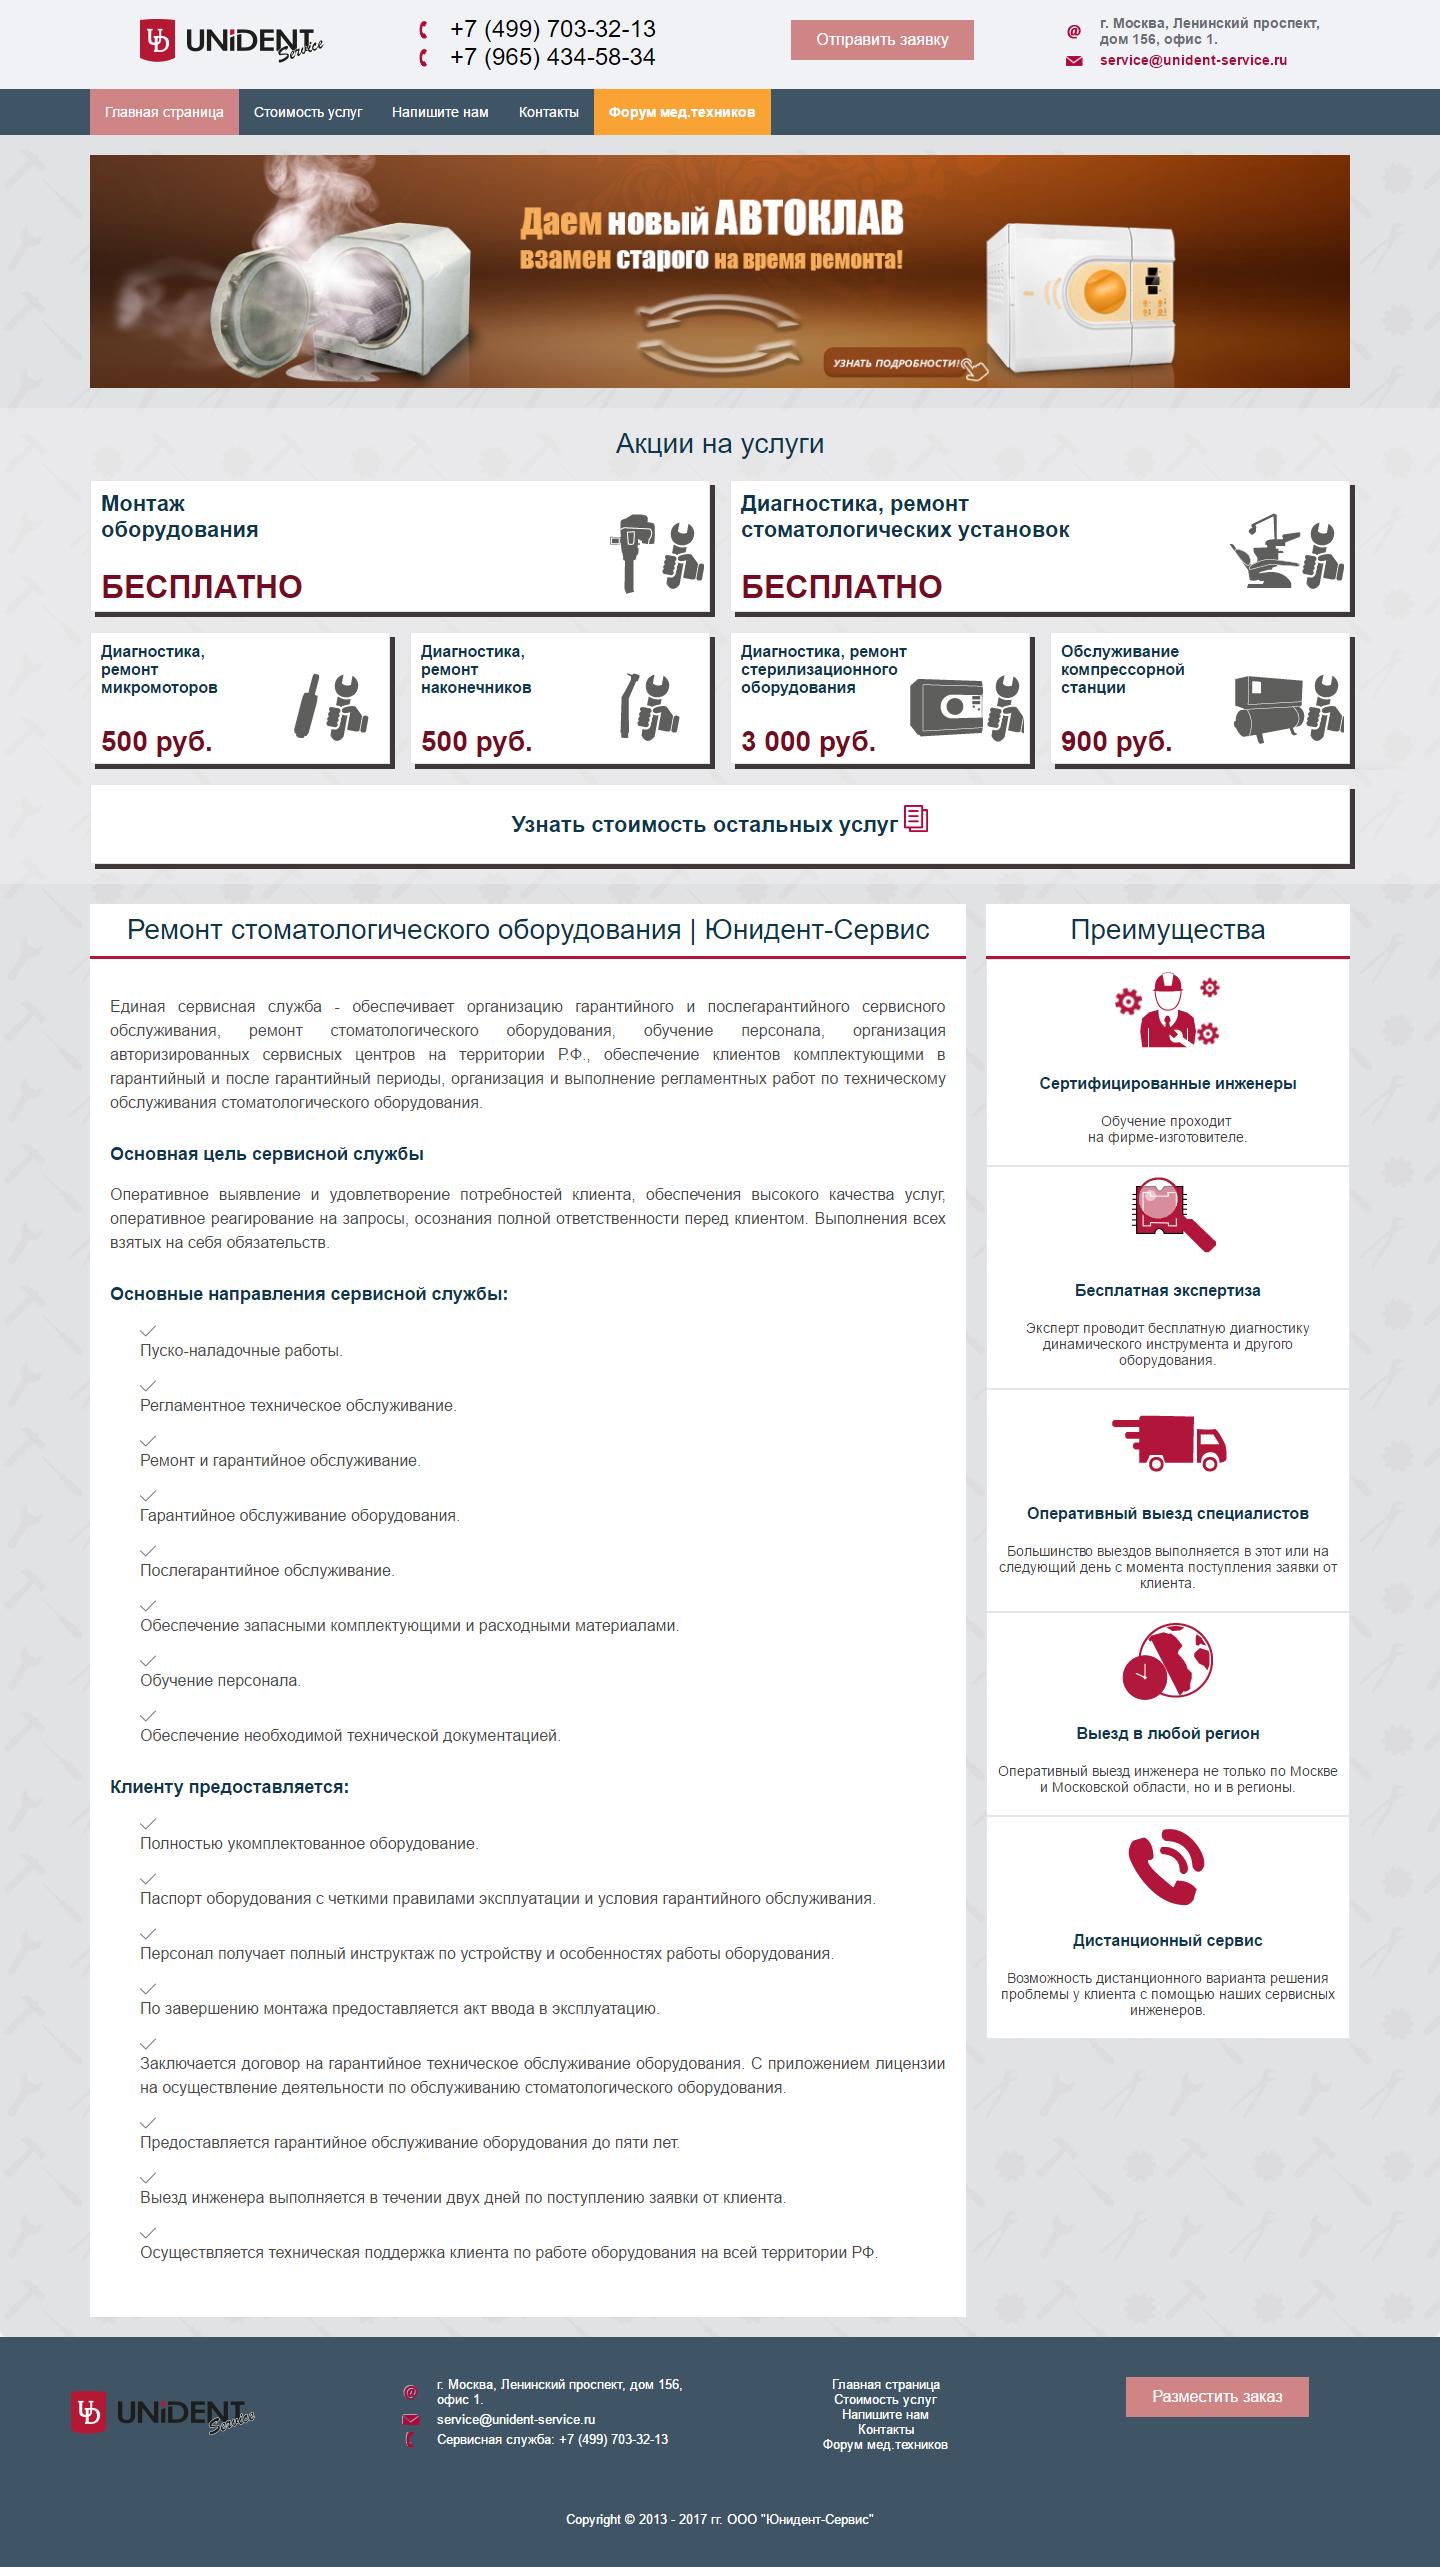 Unident-Service - сервисная служба стоматологического оборудования